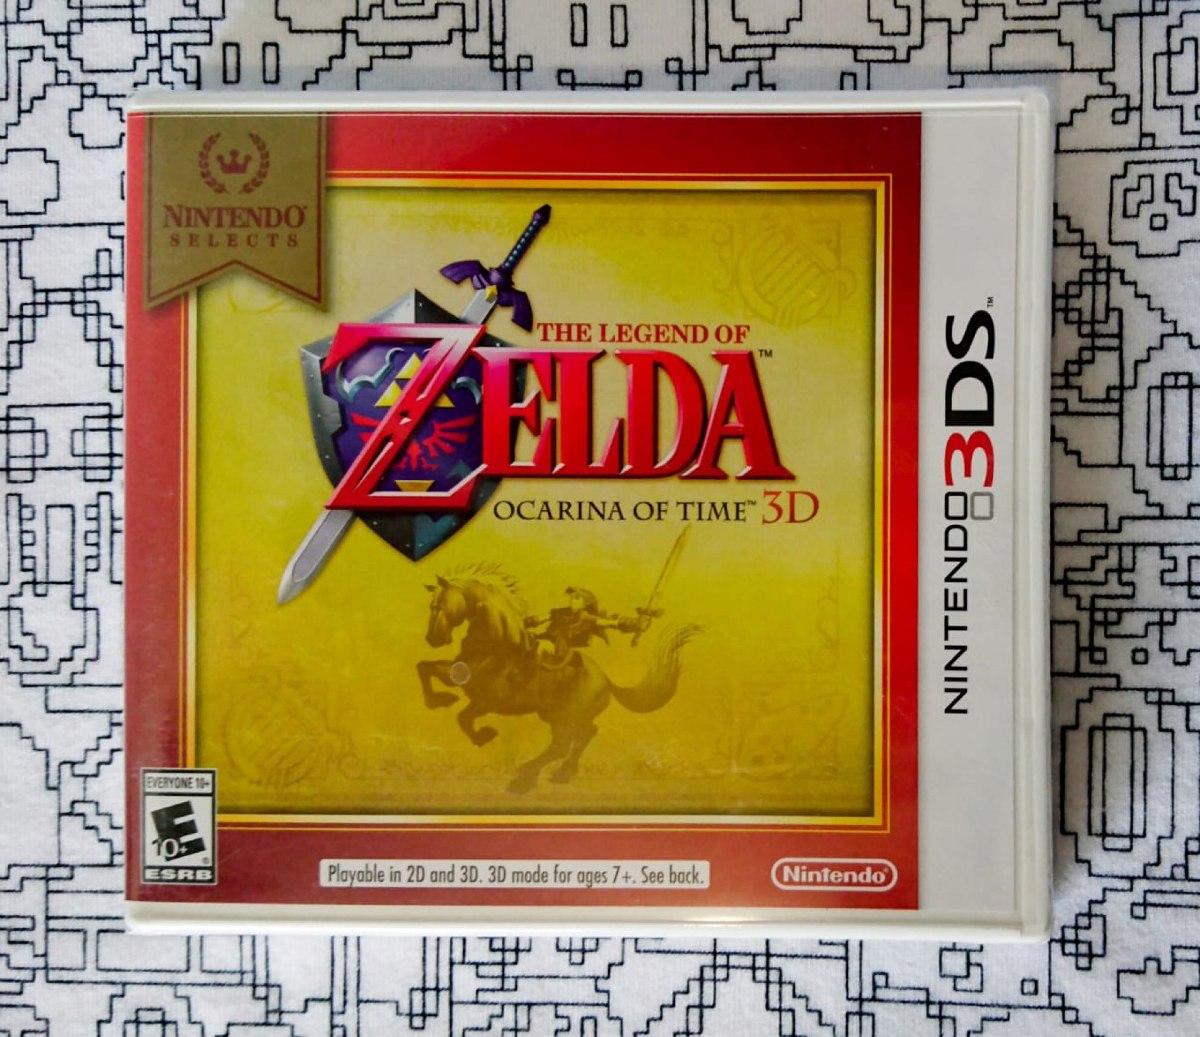 Juego Zelda Ocarina Of Time 3ds Nuevo Sellado 529 00 En Mercado